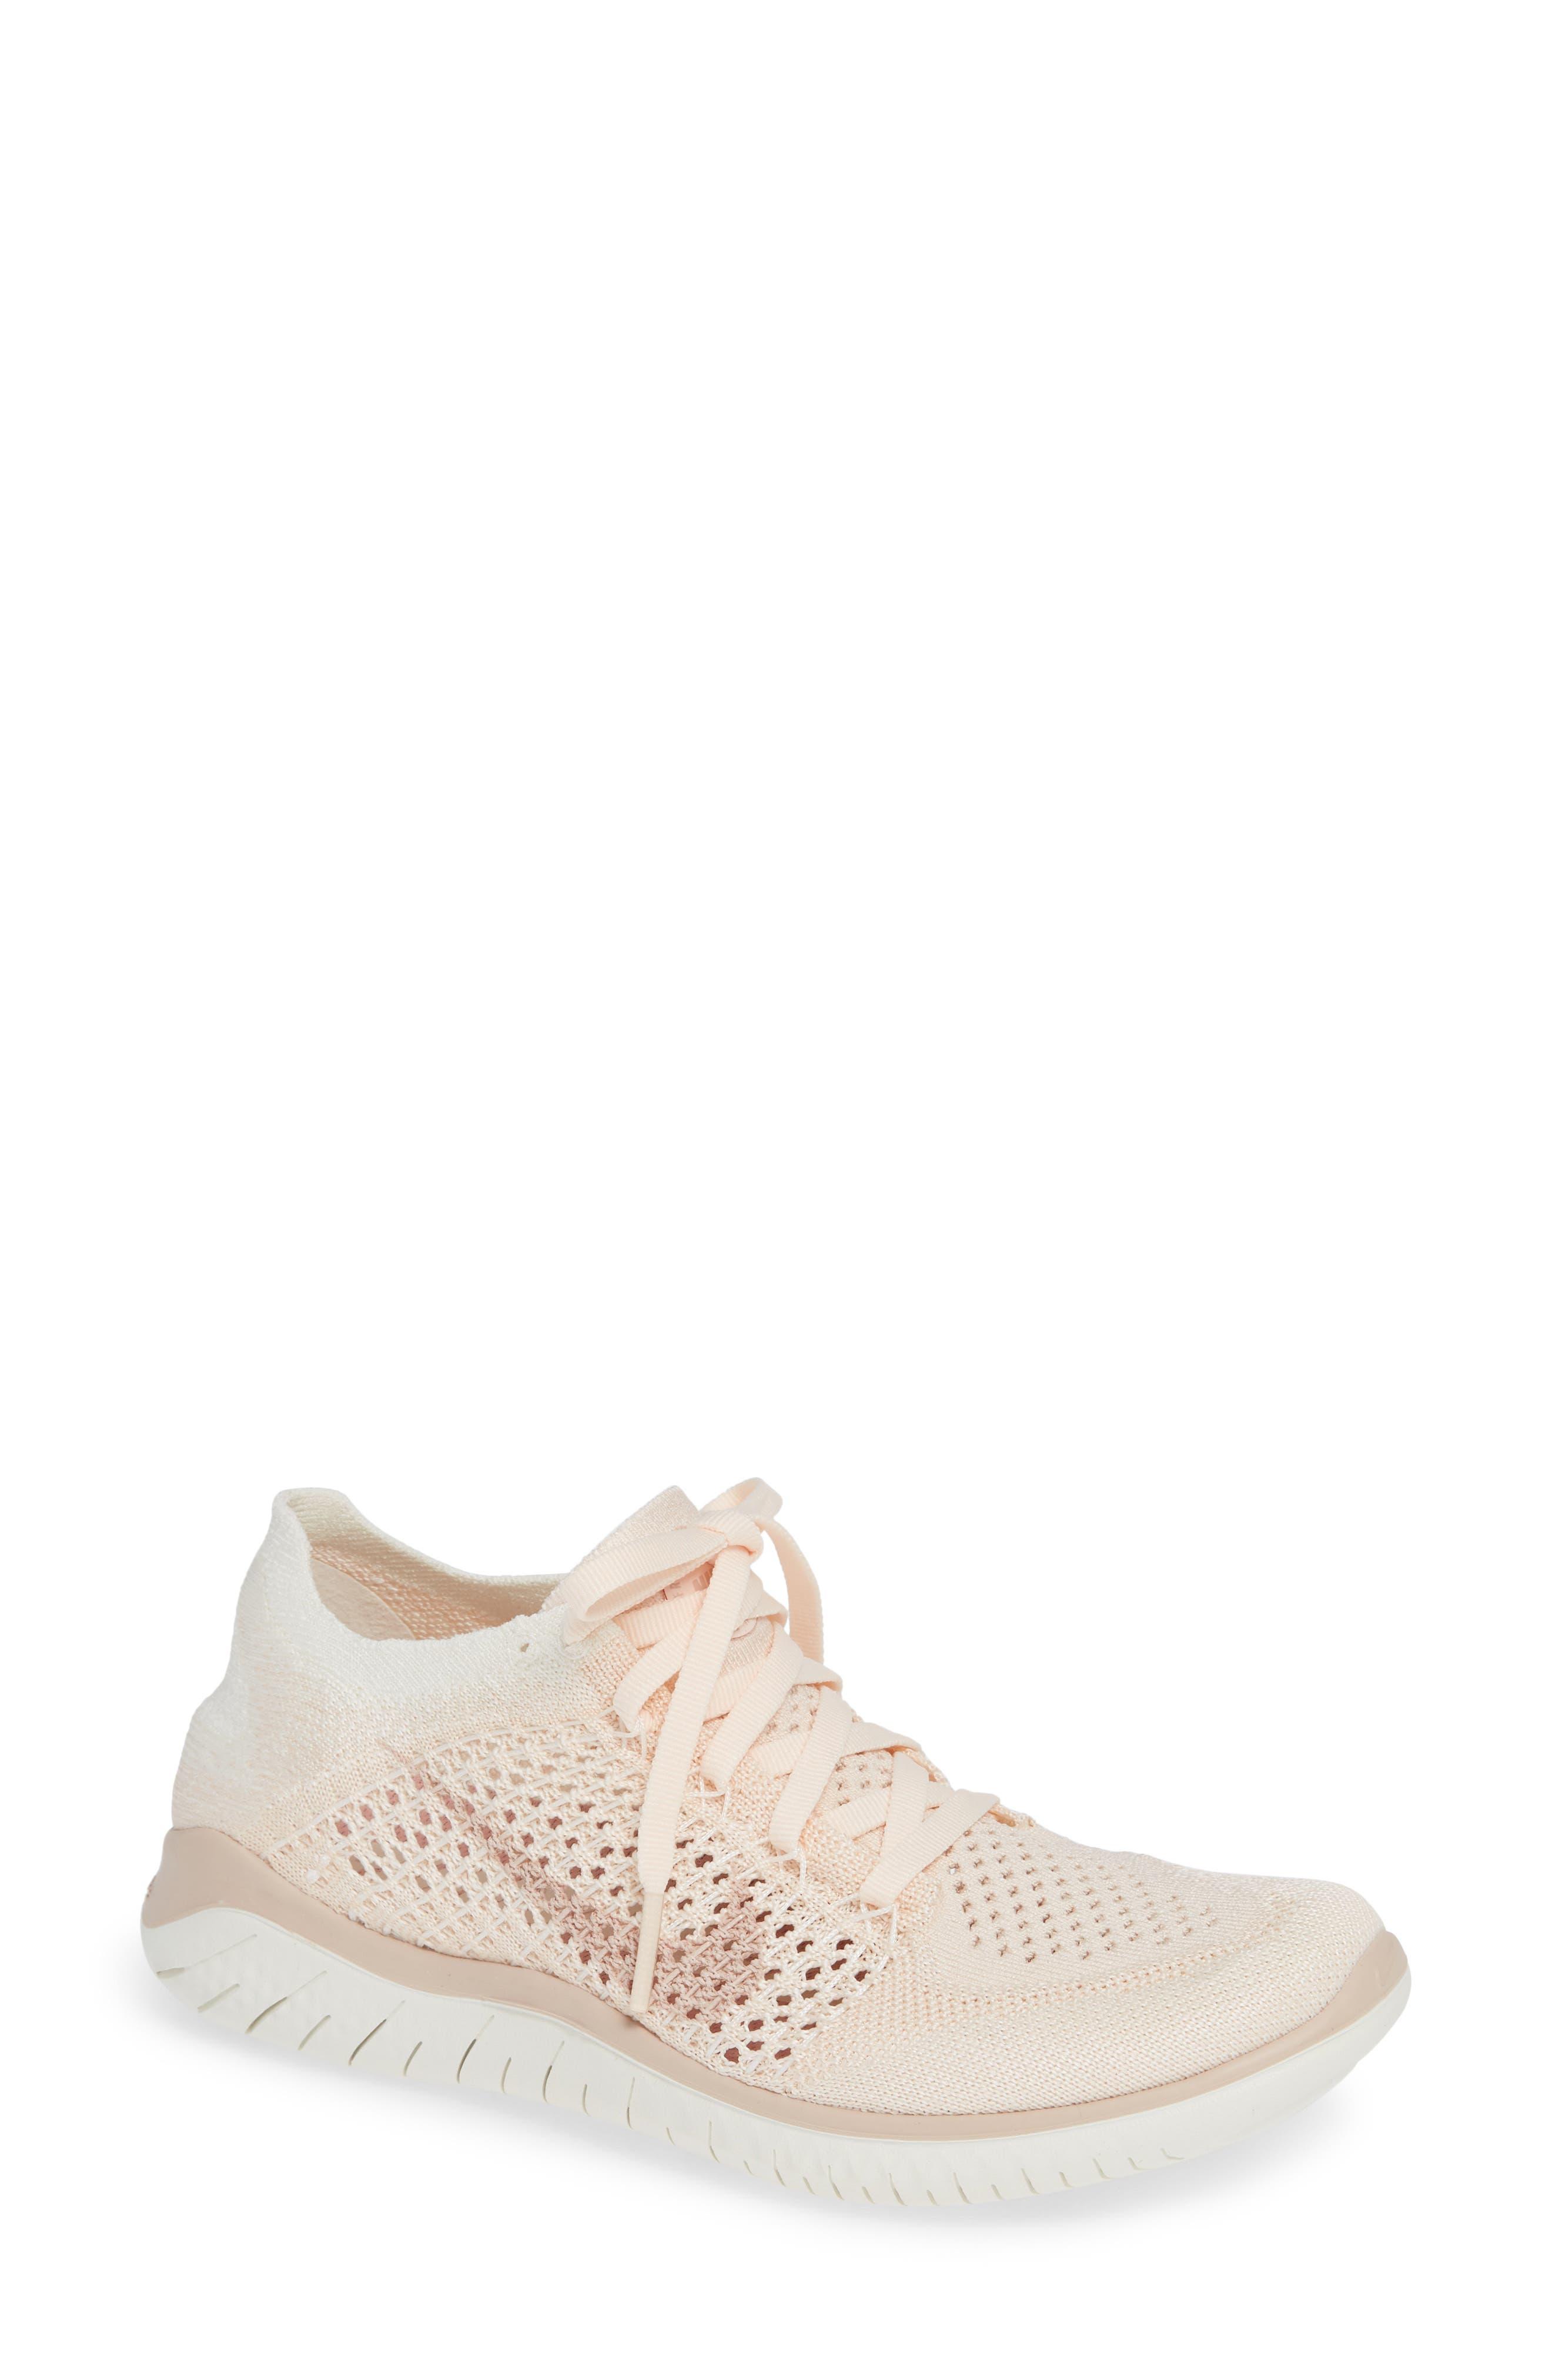 Shop Nike Free Rn Flyknit 2018 Running Shoe In Guava Ice  Beige ... b6f92a3e5